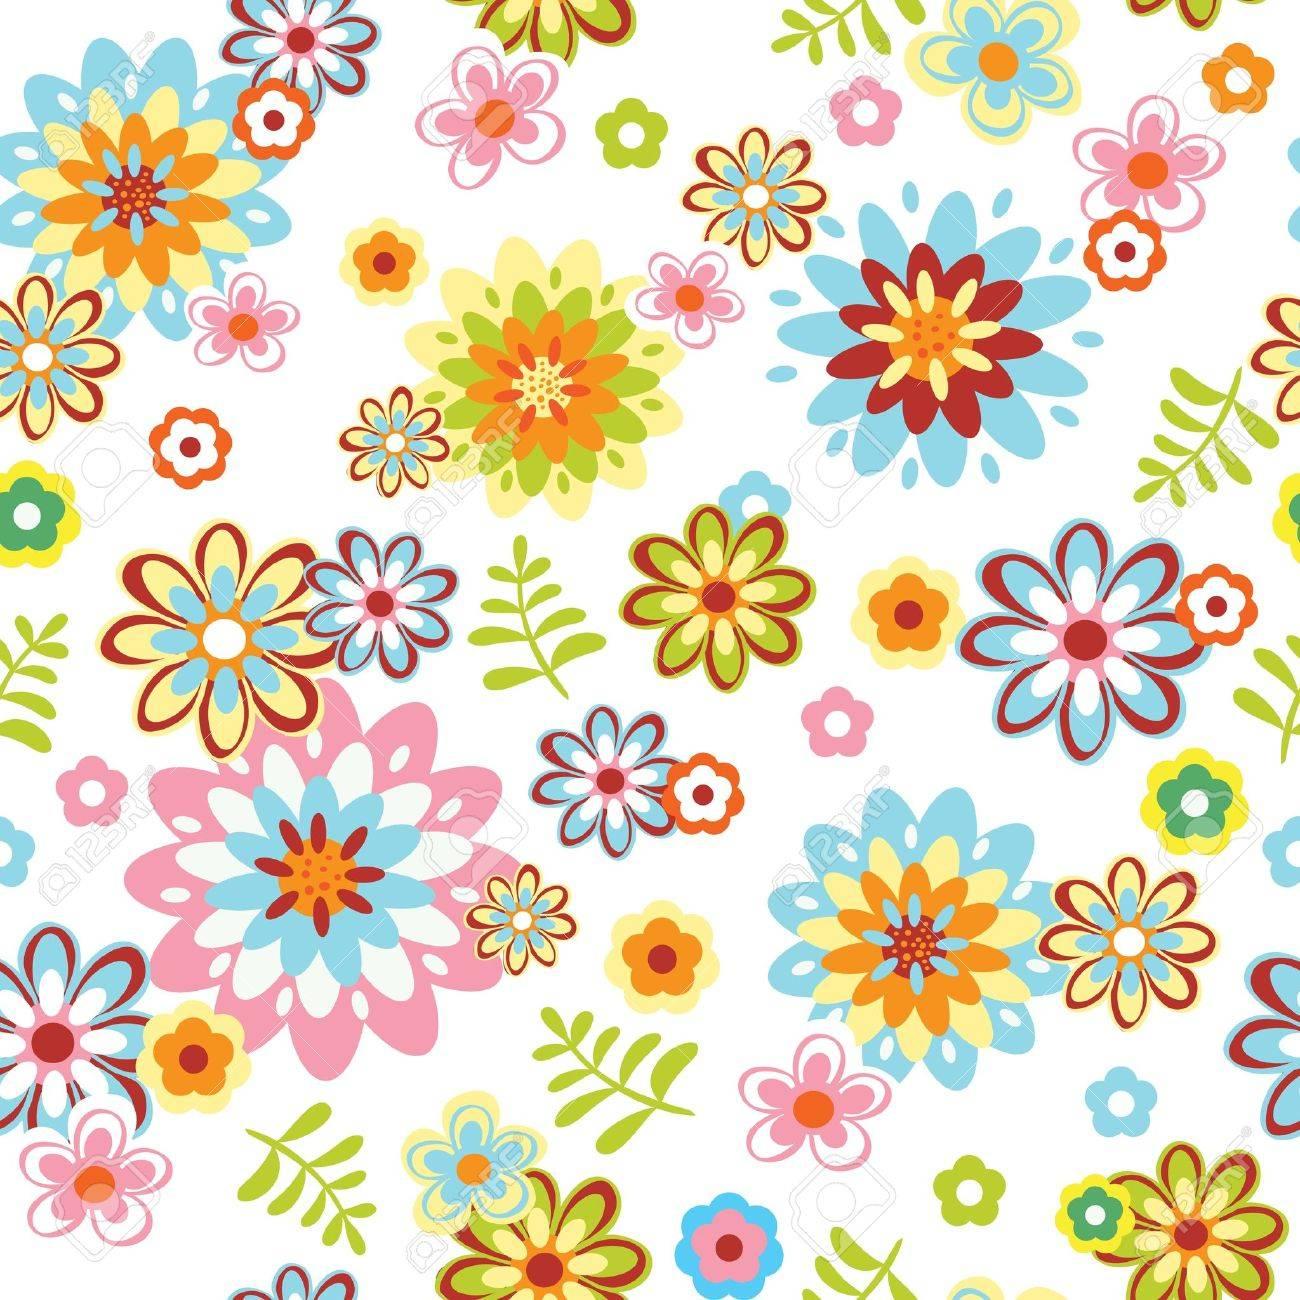 かわいい抽象的なシームレスな花柄カラフルなイラストのイラスト素材